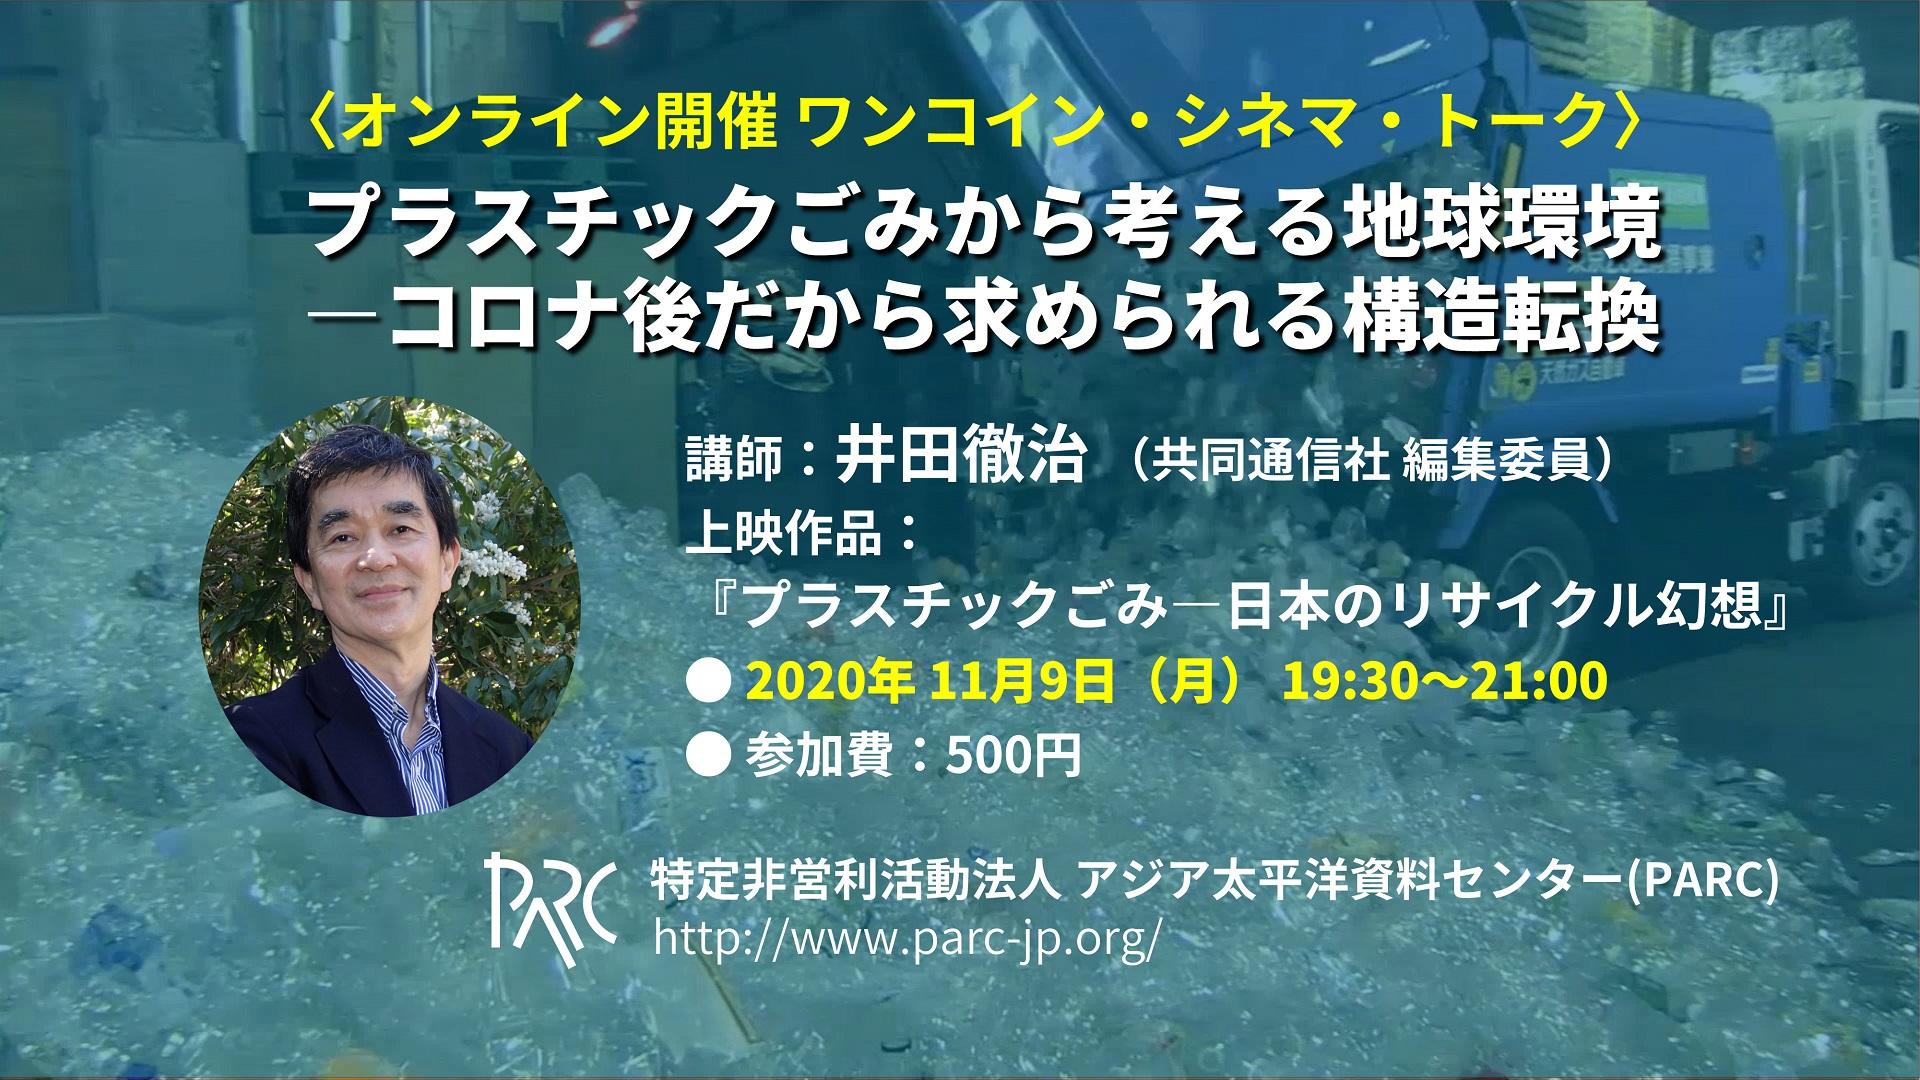 上映会【11/9】プラスチックごみから考える地球環境